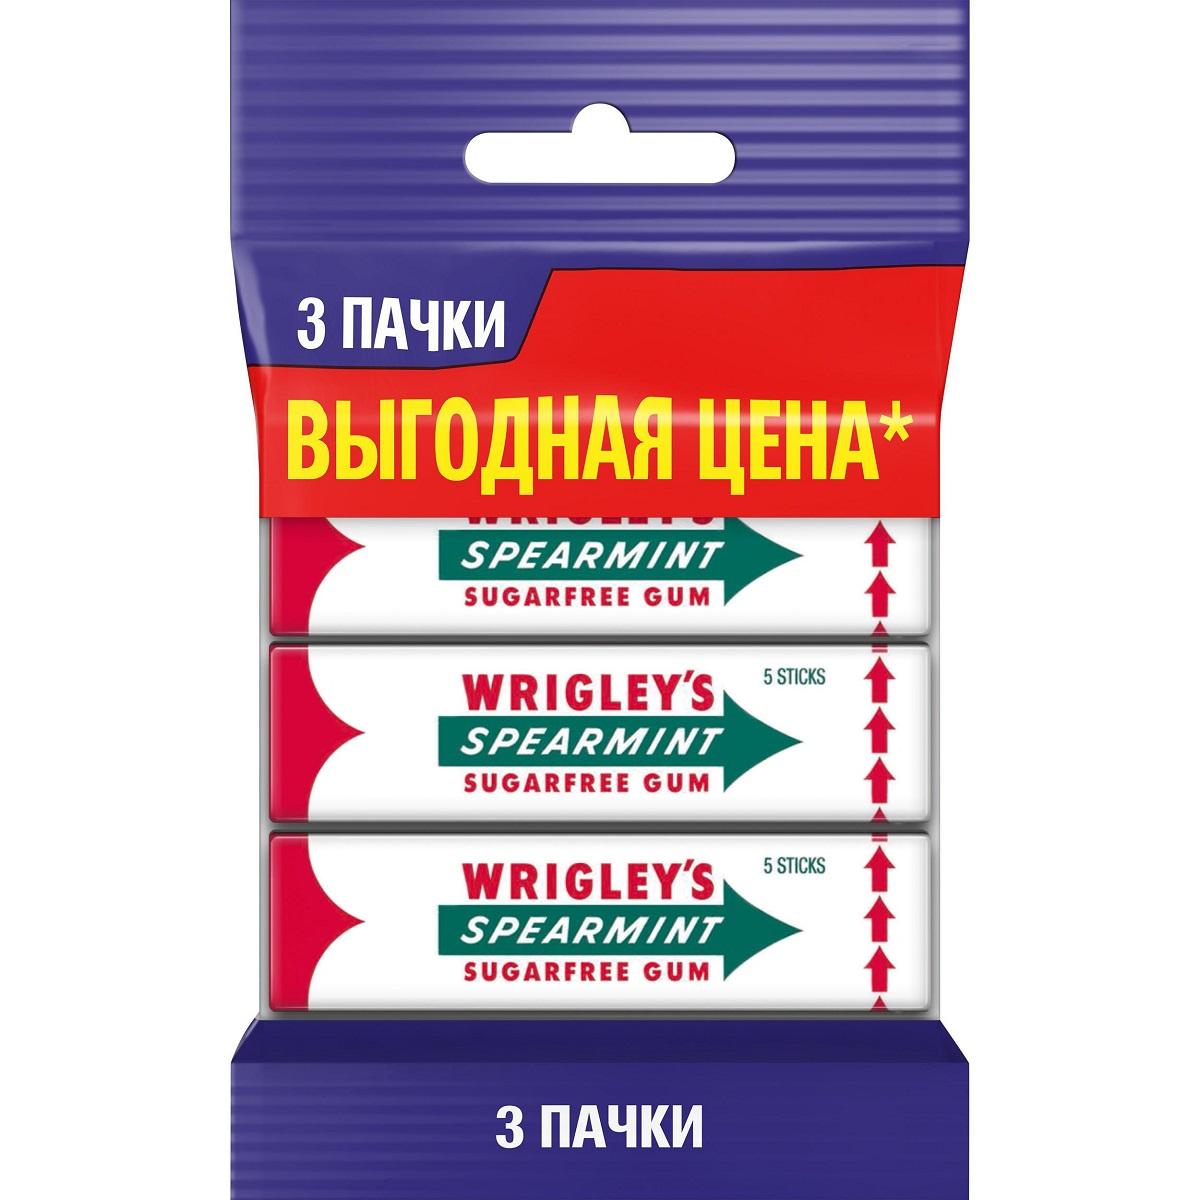 Wrigleys Spearmint жевательная резинка без сахара, 3 пачки по 13 г3 пачкиКлассическая жевательная резинка Wrigley. Великолепный мятный вкус дарит свежесть уже более 100 лет.